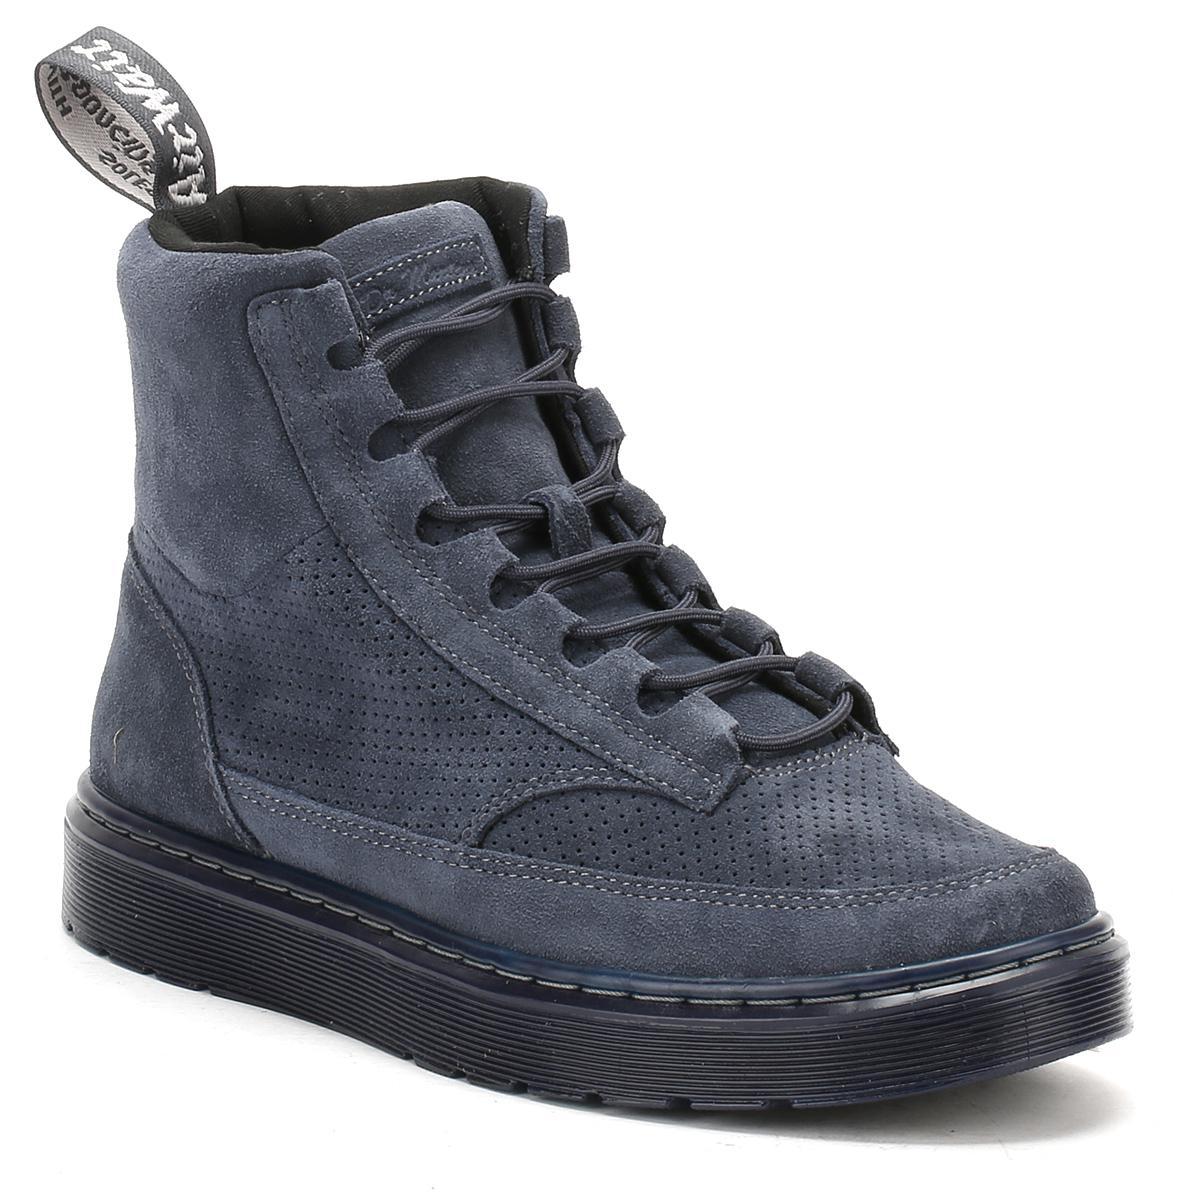 Dr Martens Airwair Mens Shoes